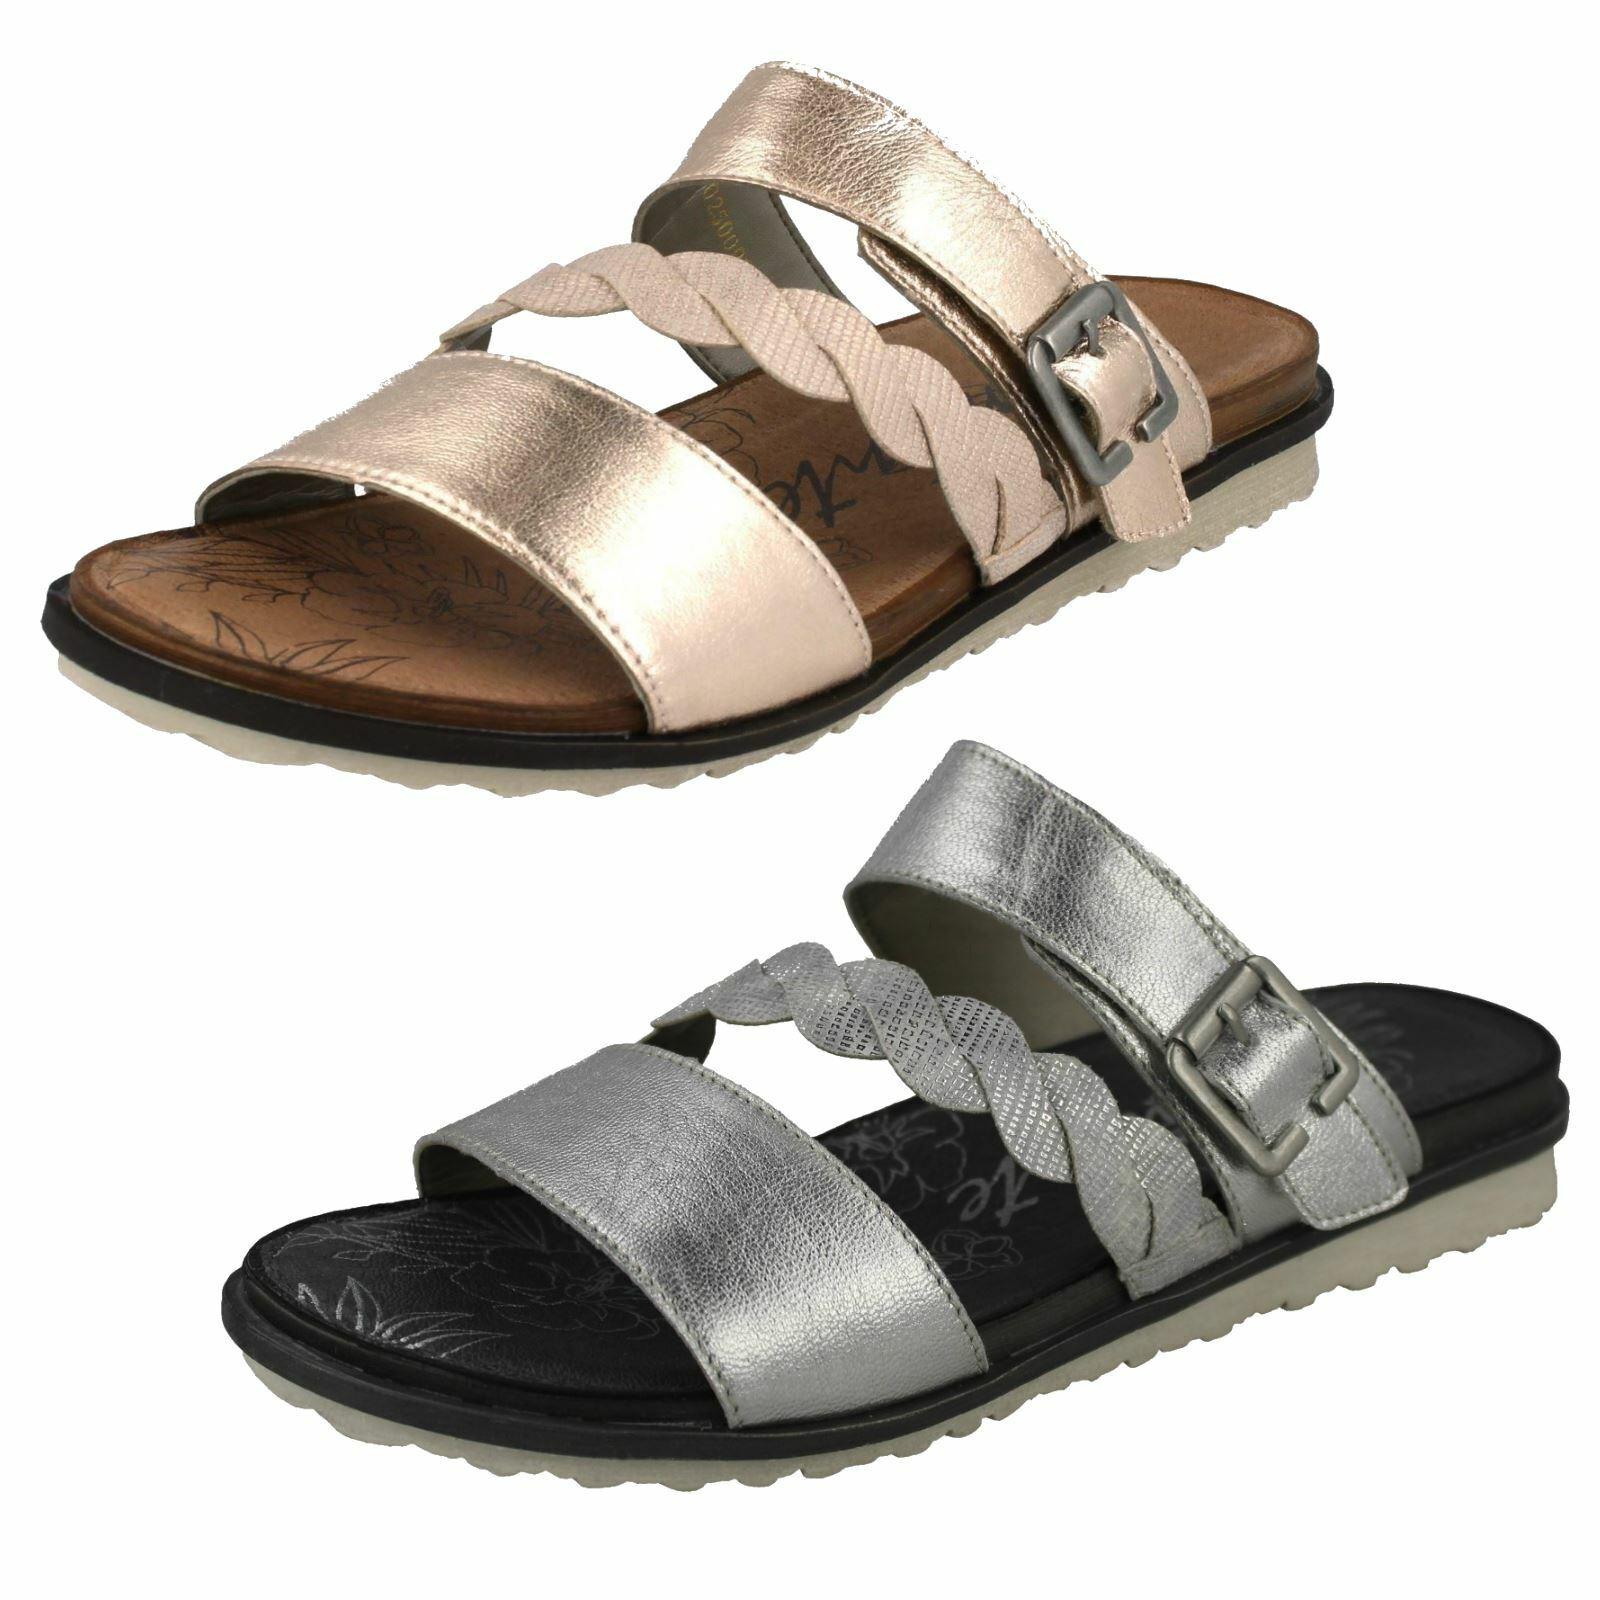 connotación de lujo discreta Damas Remonte Sandalias  R2757' R2757' R2757'  vendiendo bien en todo el mundo